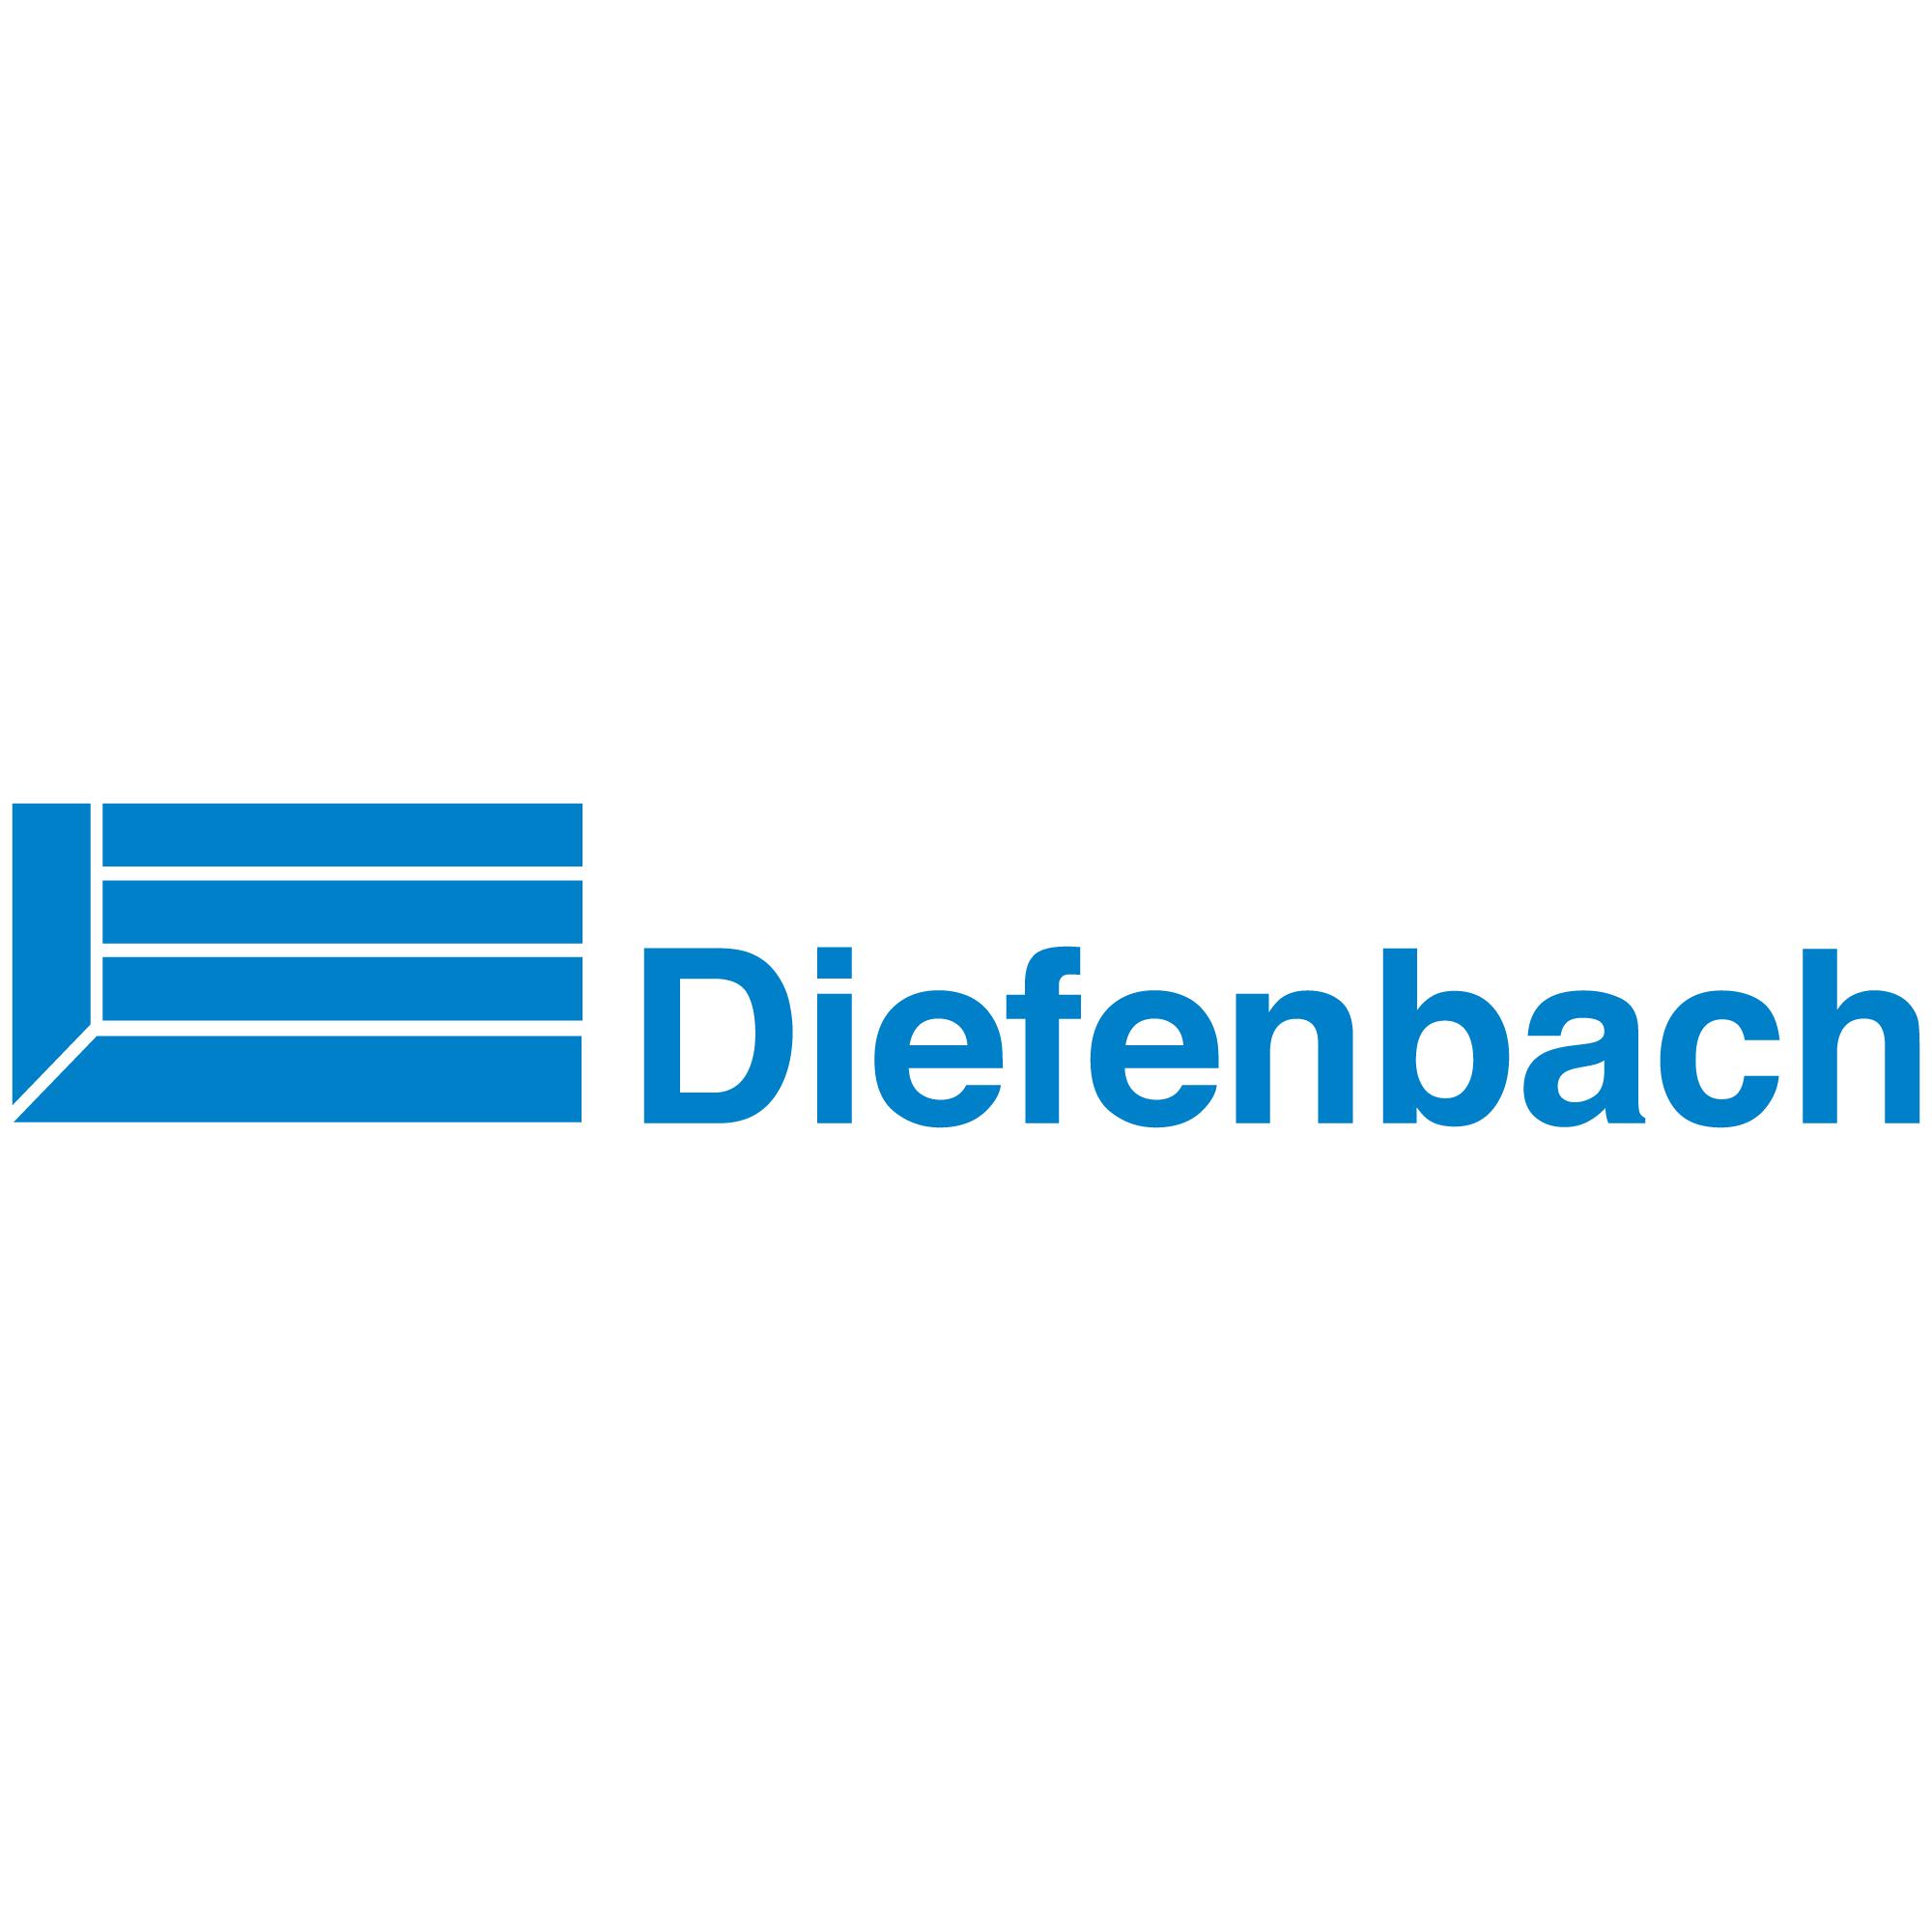 Diefenbach GmbH